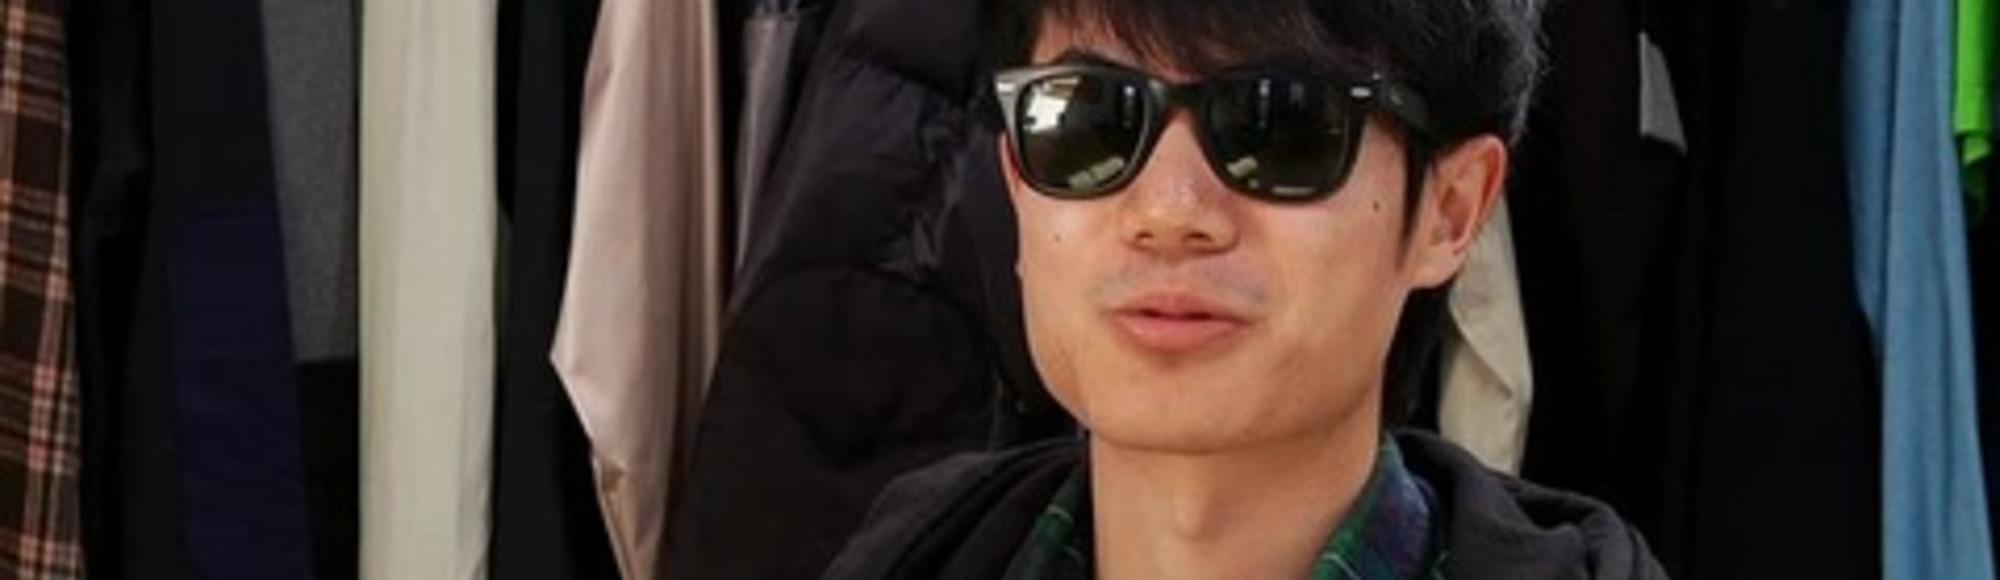 Meet Zhang Shou Wang (Carsick Cars)